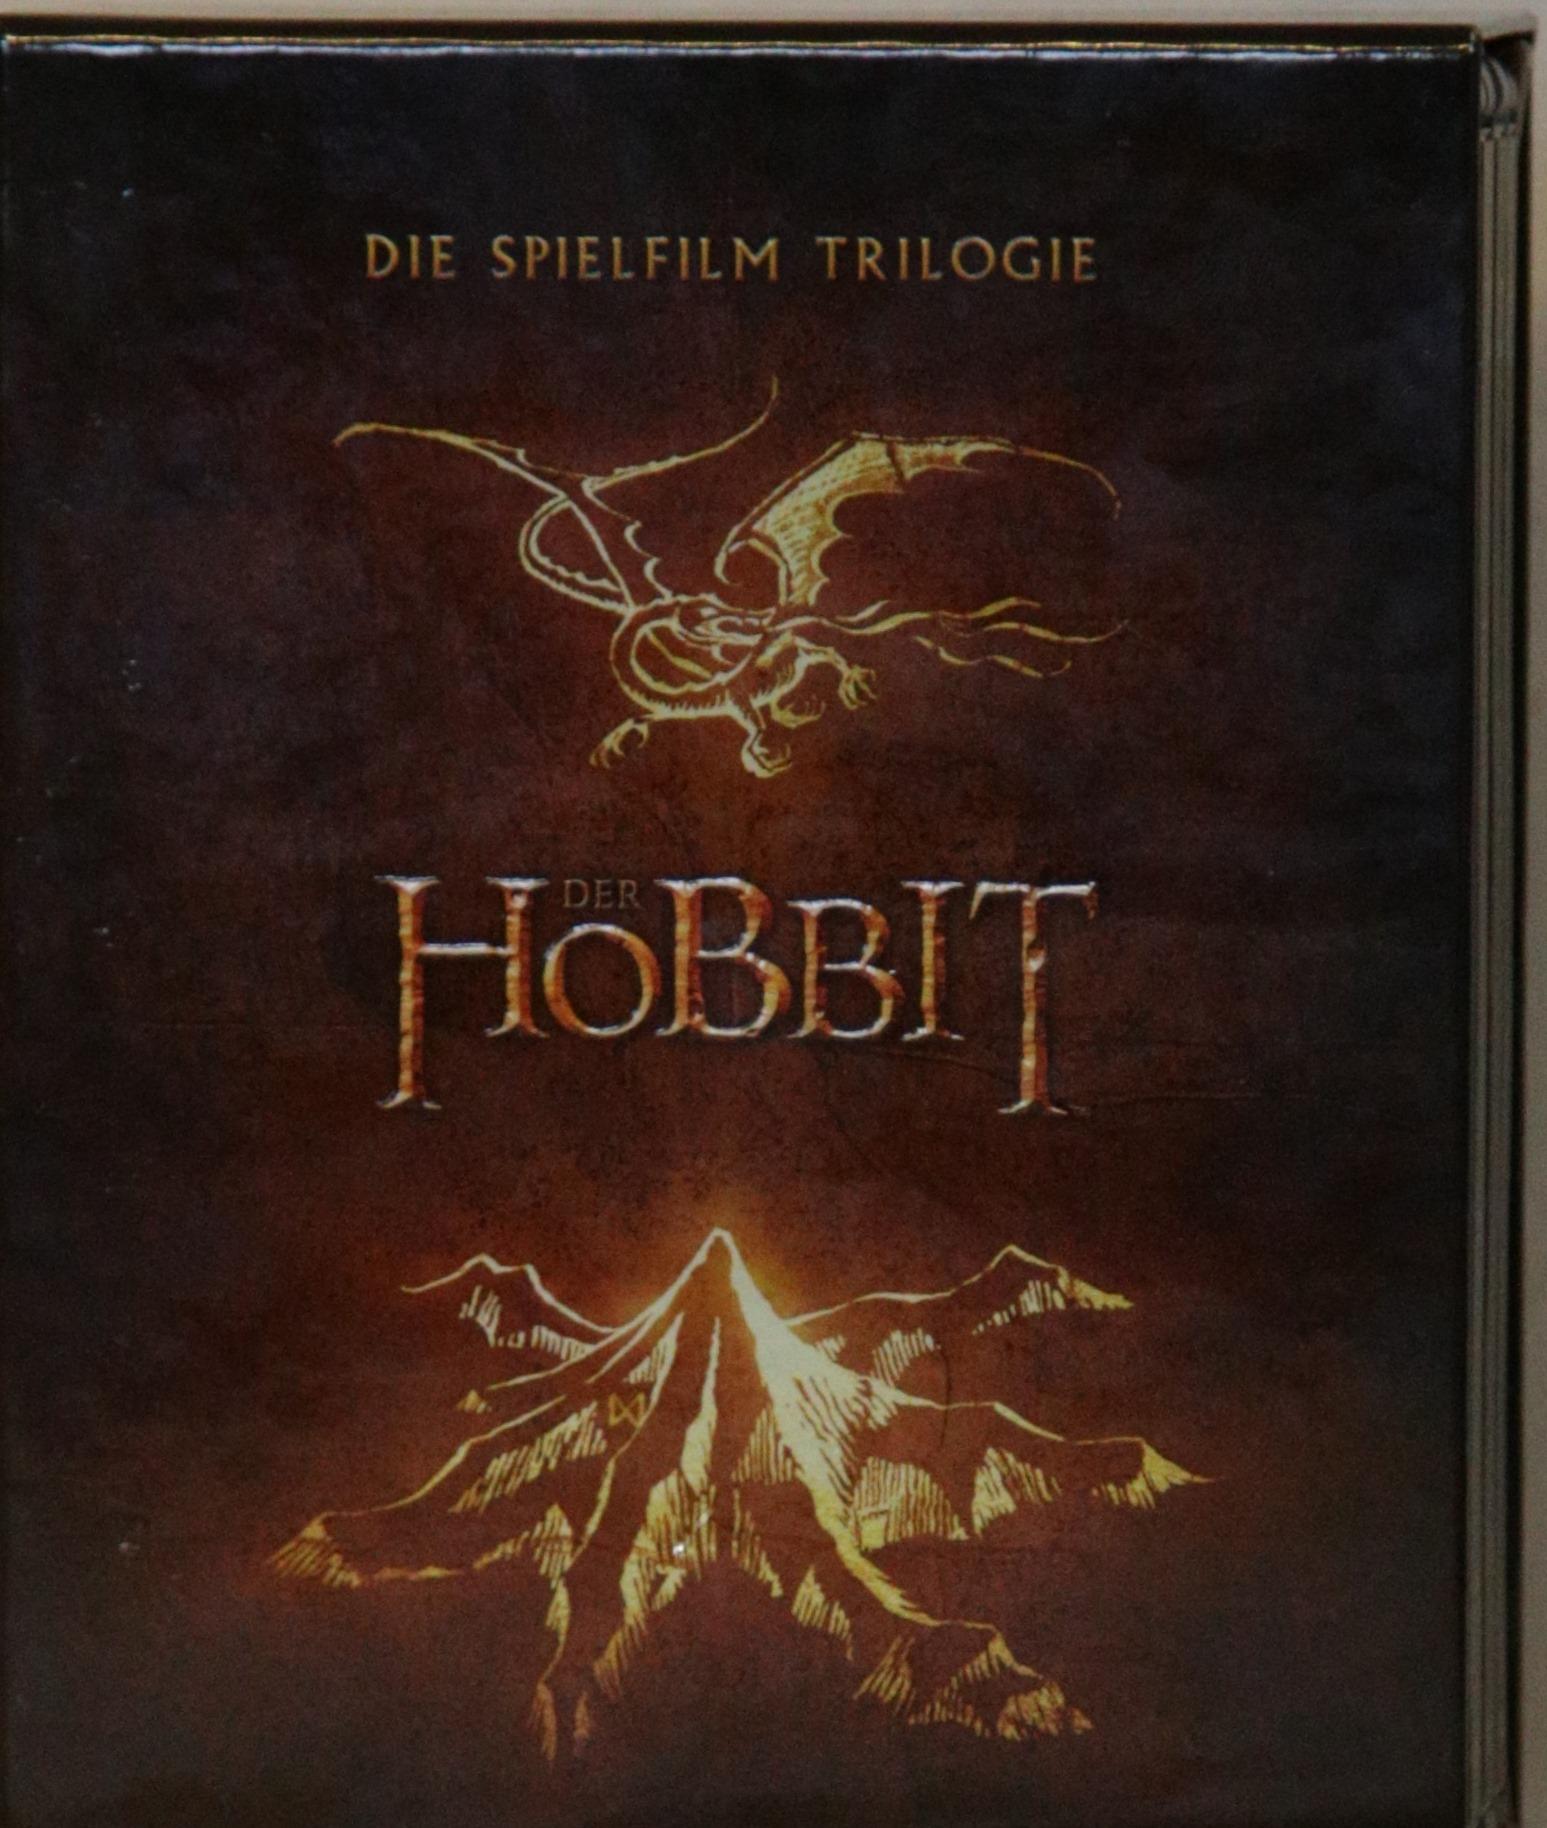 Der Hobbit Trilogie 0Aufmacher